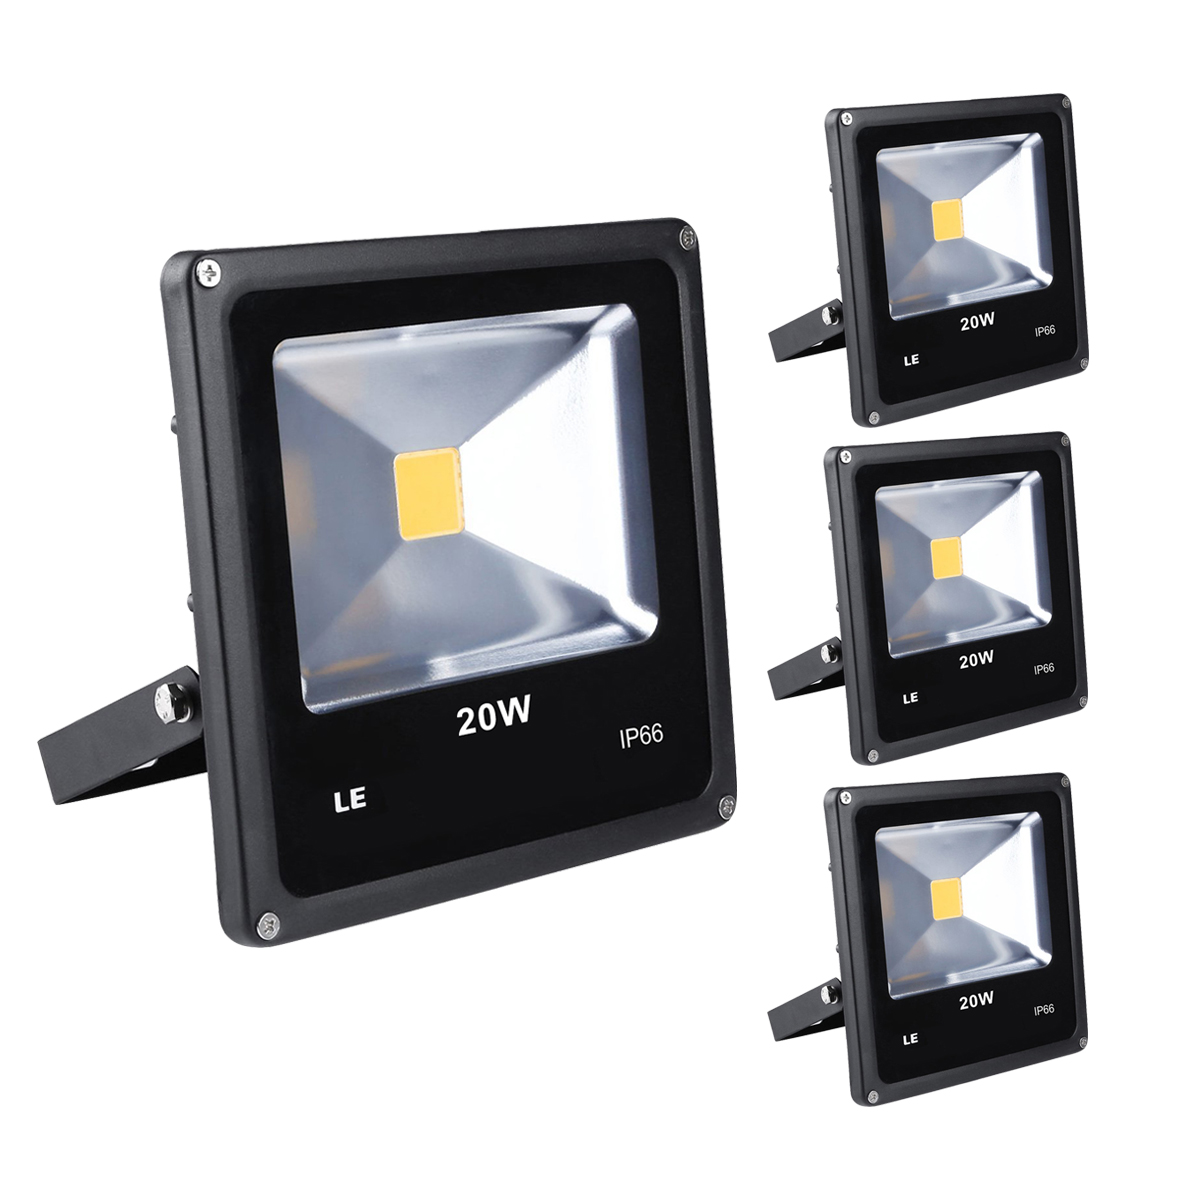 [Bündel] LED Strahler 20W, 1500lm, ersetzt 200W Halogenlampe, Kaltweiß, Wasserdicht IP66, Außenleuchten, Signallampe, 3er Set